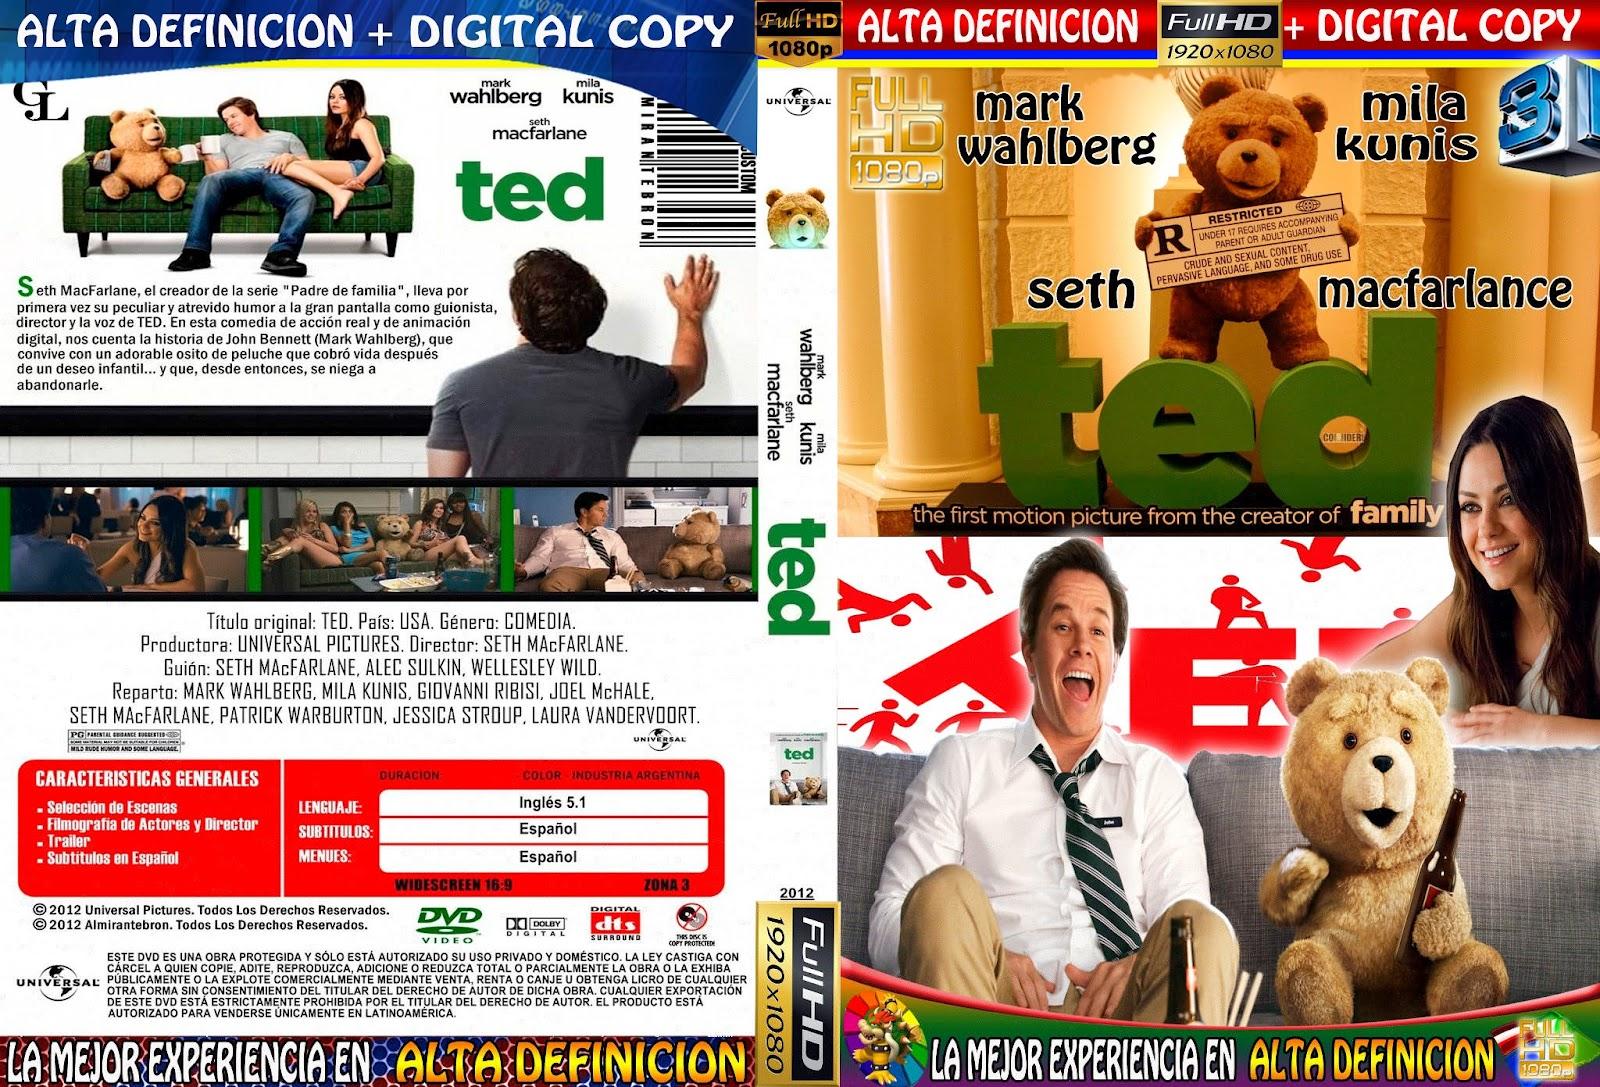 El, oso, ted, pelicula, completa En Espaol Latino online, tHE peliculasfree